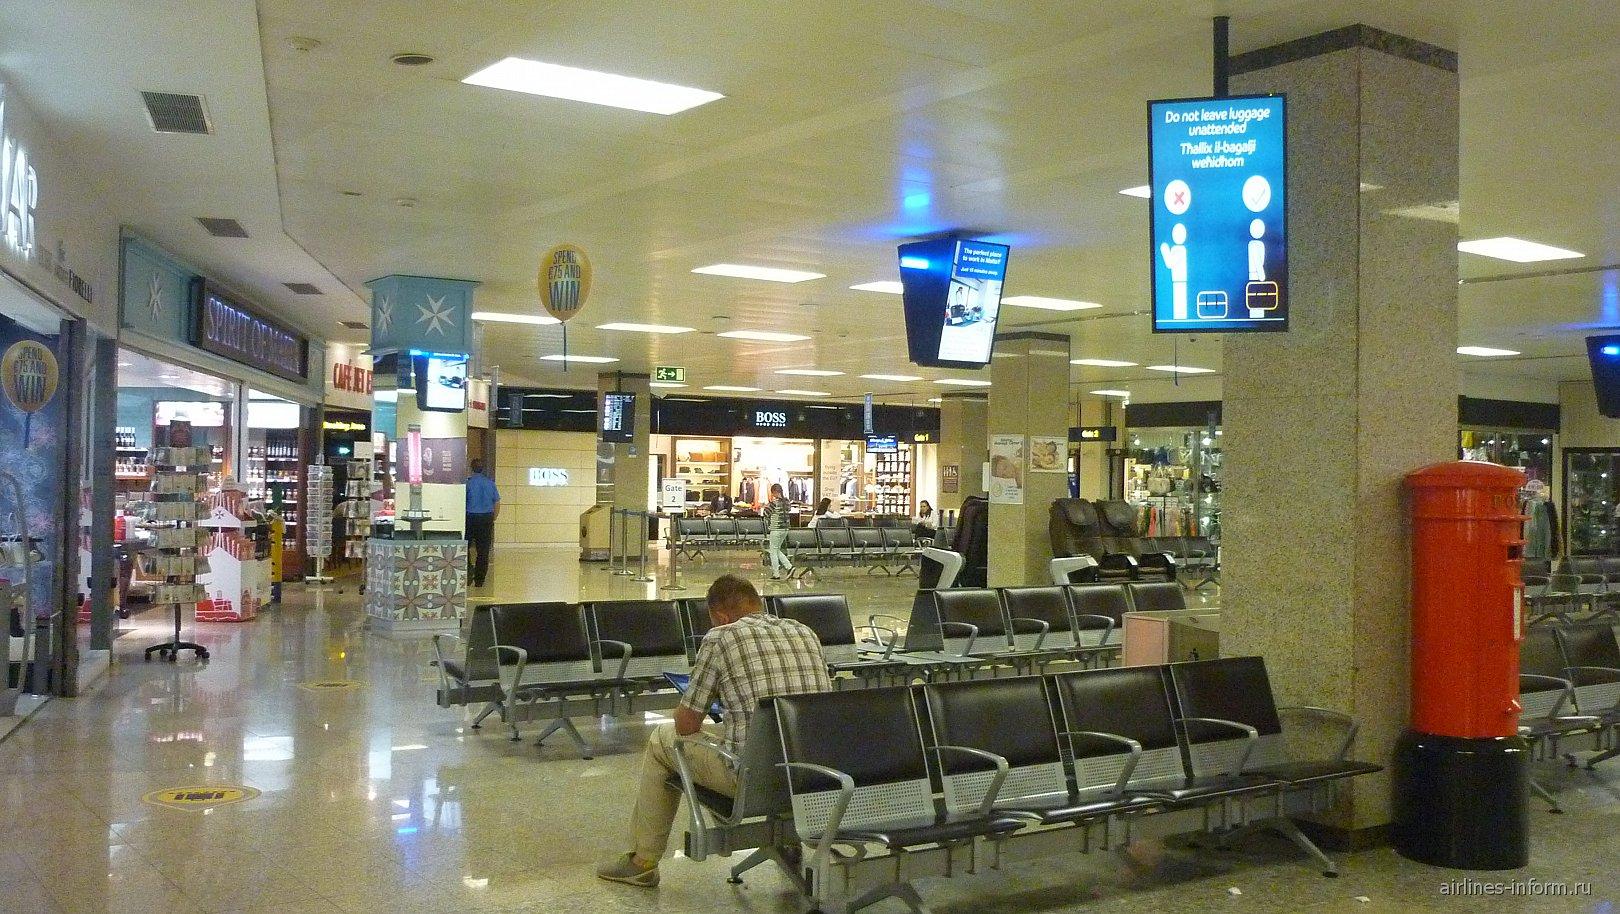 Зал ожидания в чистой зоне аэропорта Мальта